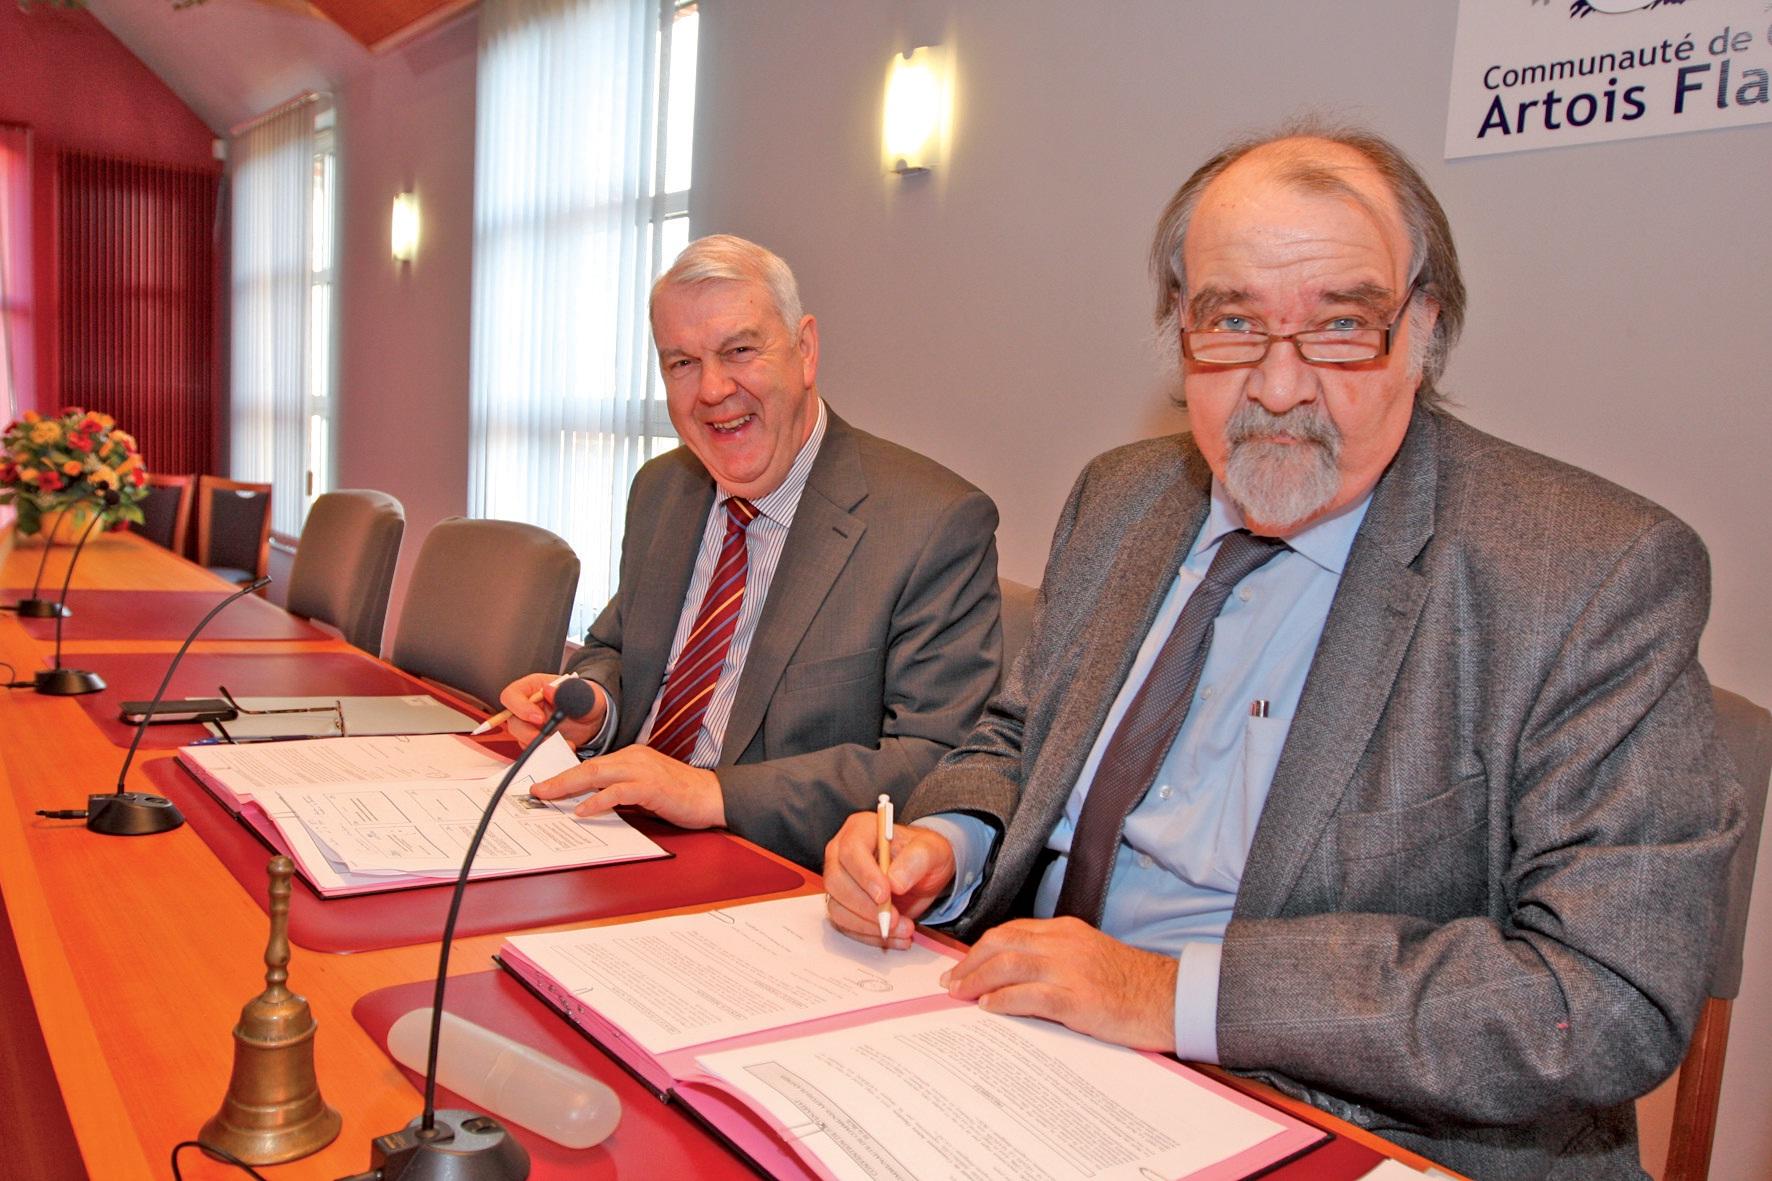 Jacques Napieraj et Pierre Duriez ont signé la convention de partenariat qui lie leurs organismes pour l'année 2012.